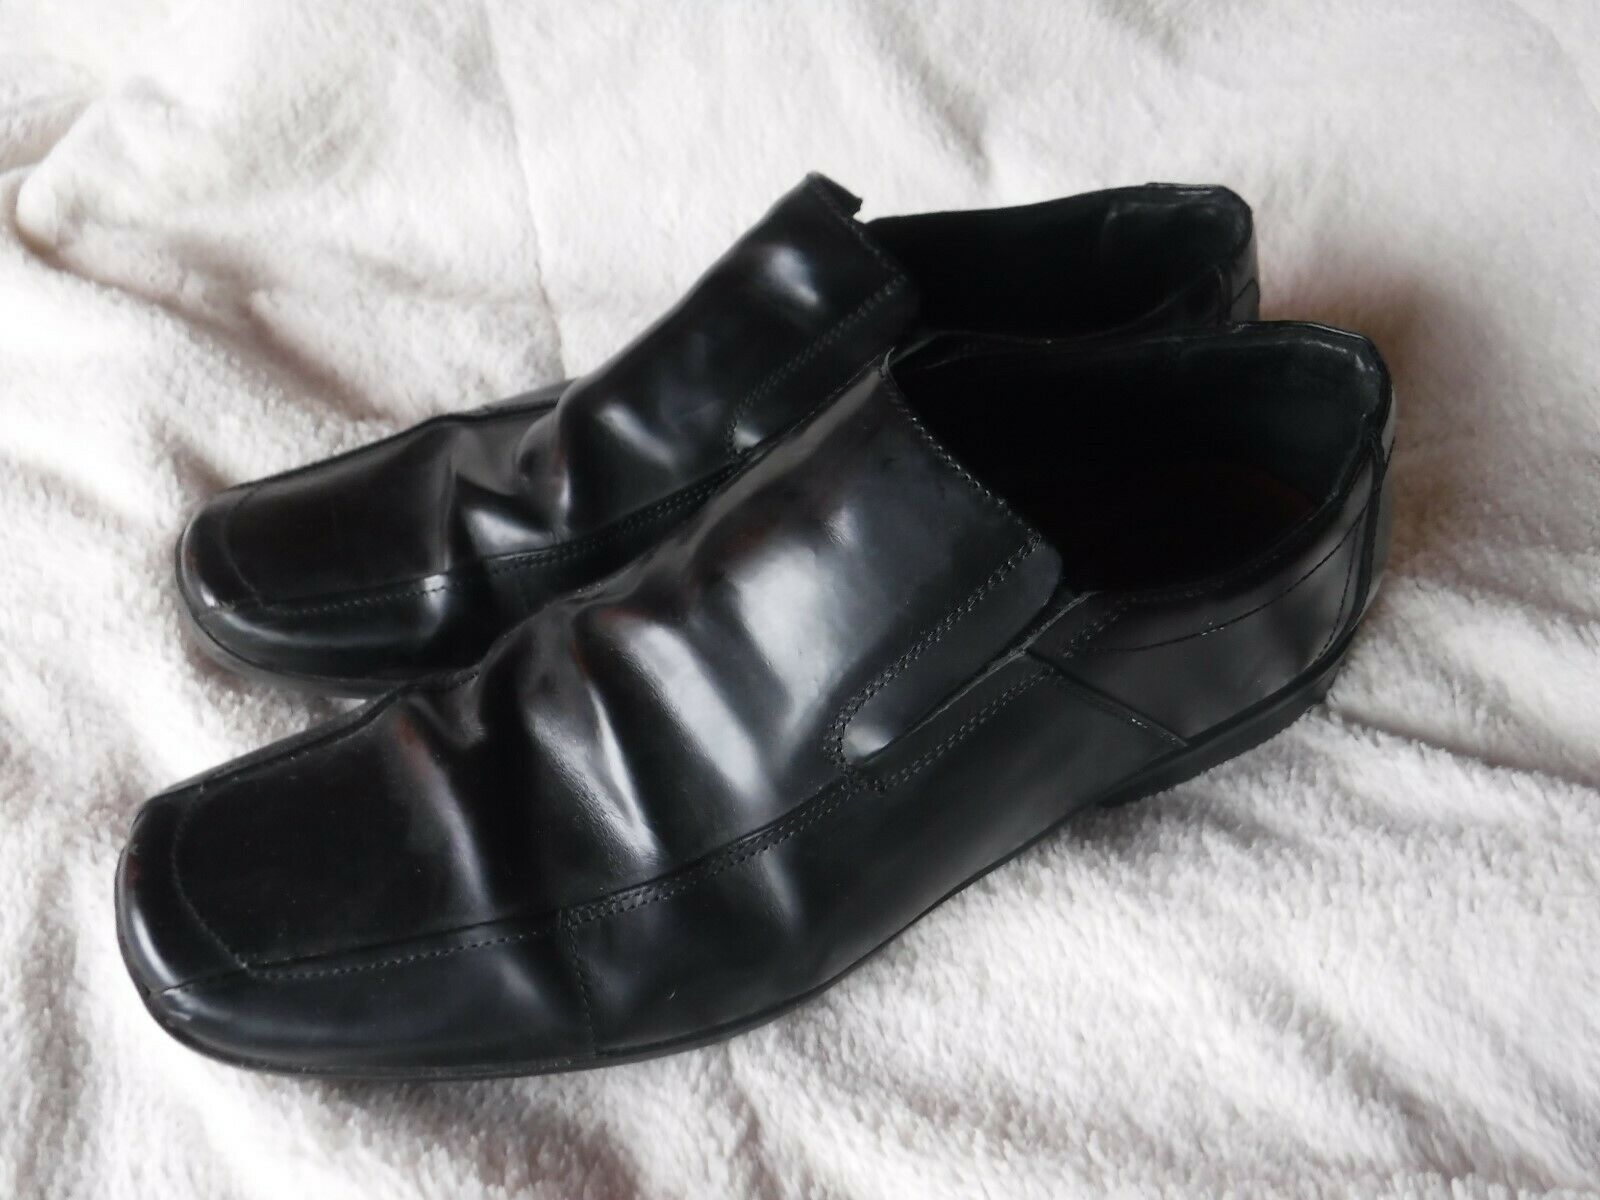 Mens Kenneth Cole Reaction Size 12 M Black Slip On Loafer Shoes Black